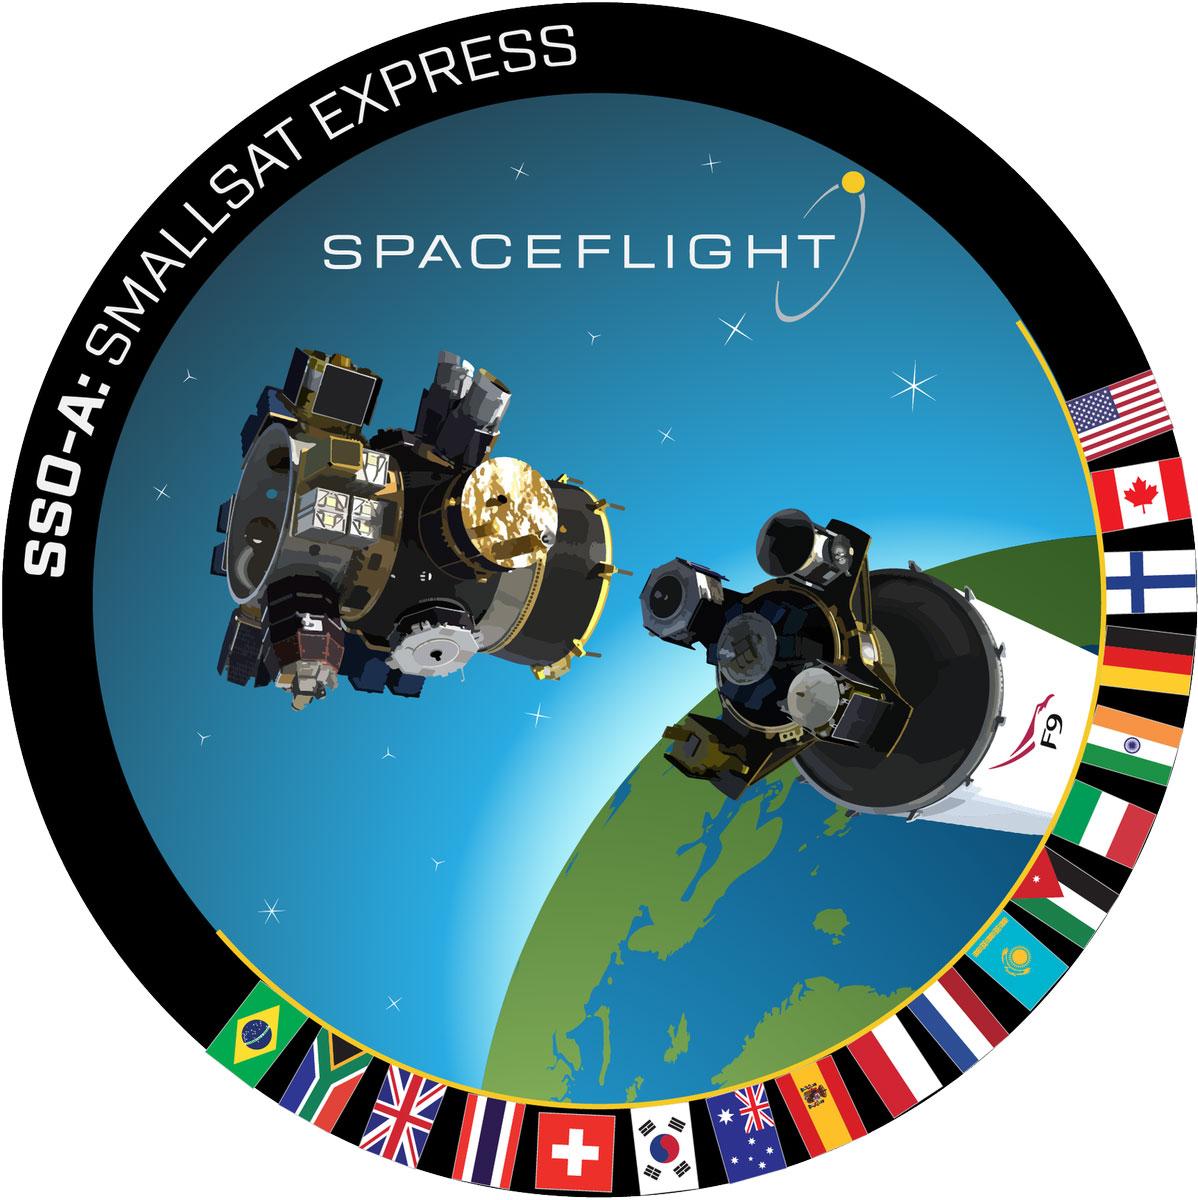 Emblema de la misión